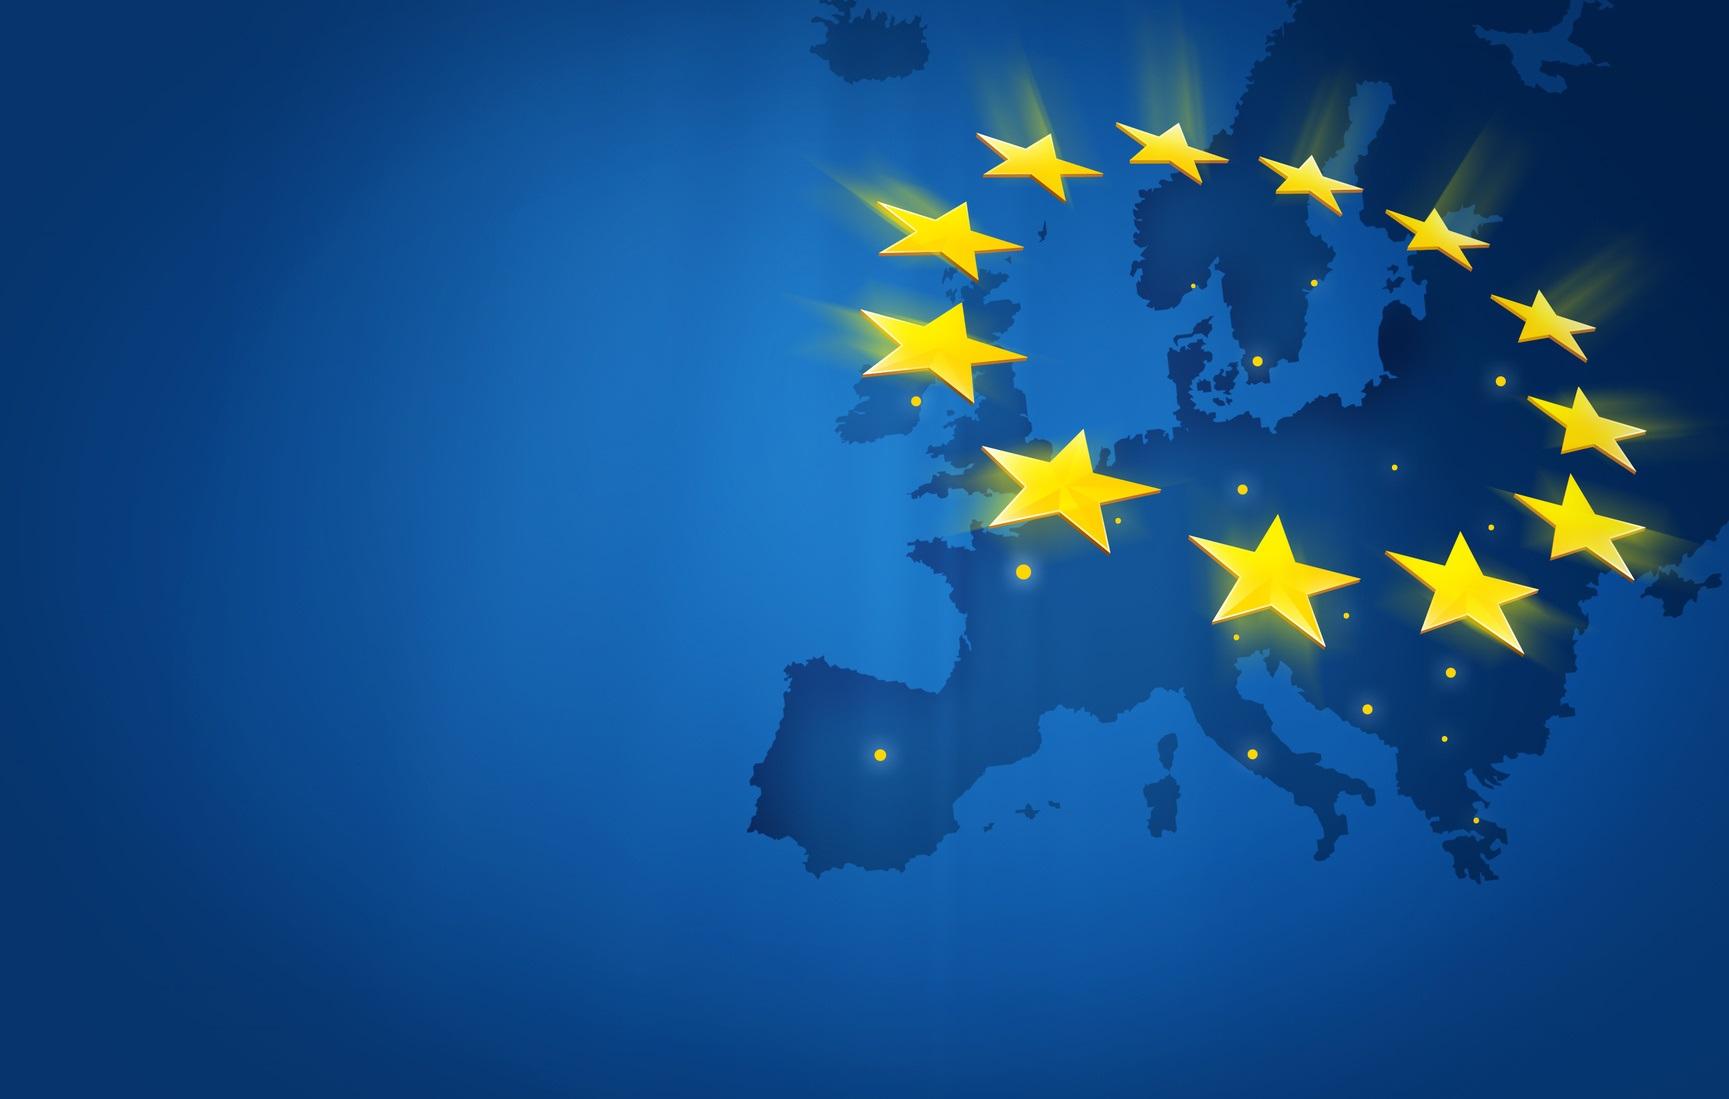 Pour une identité européenne : l'initiative Europe 21